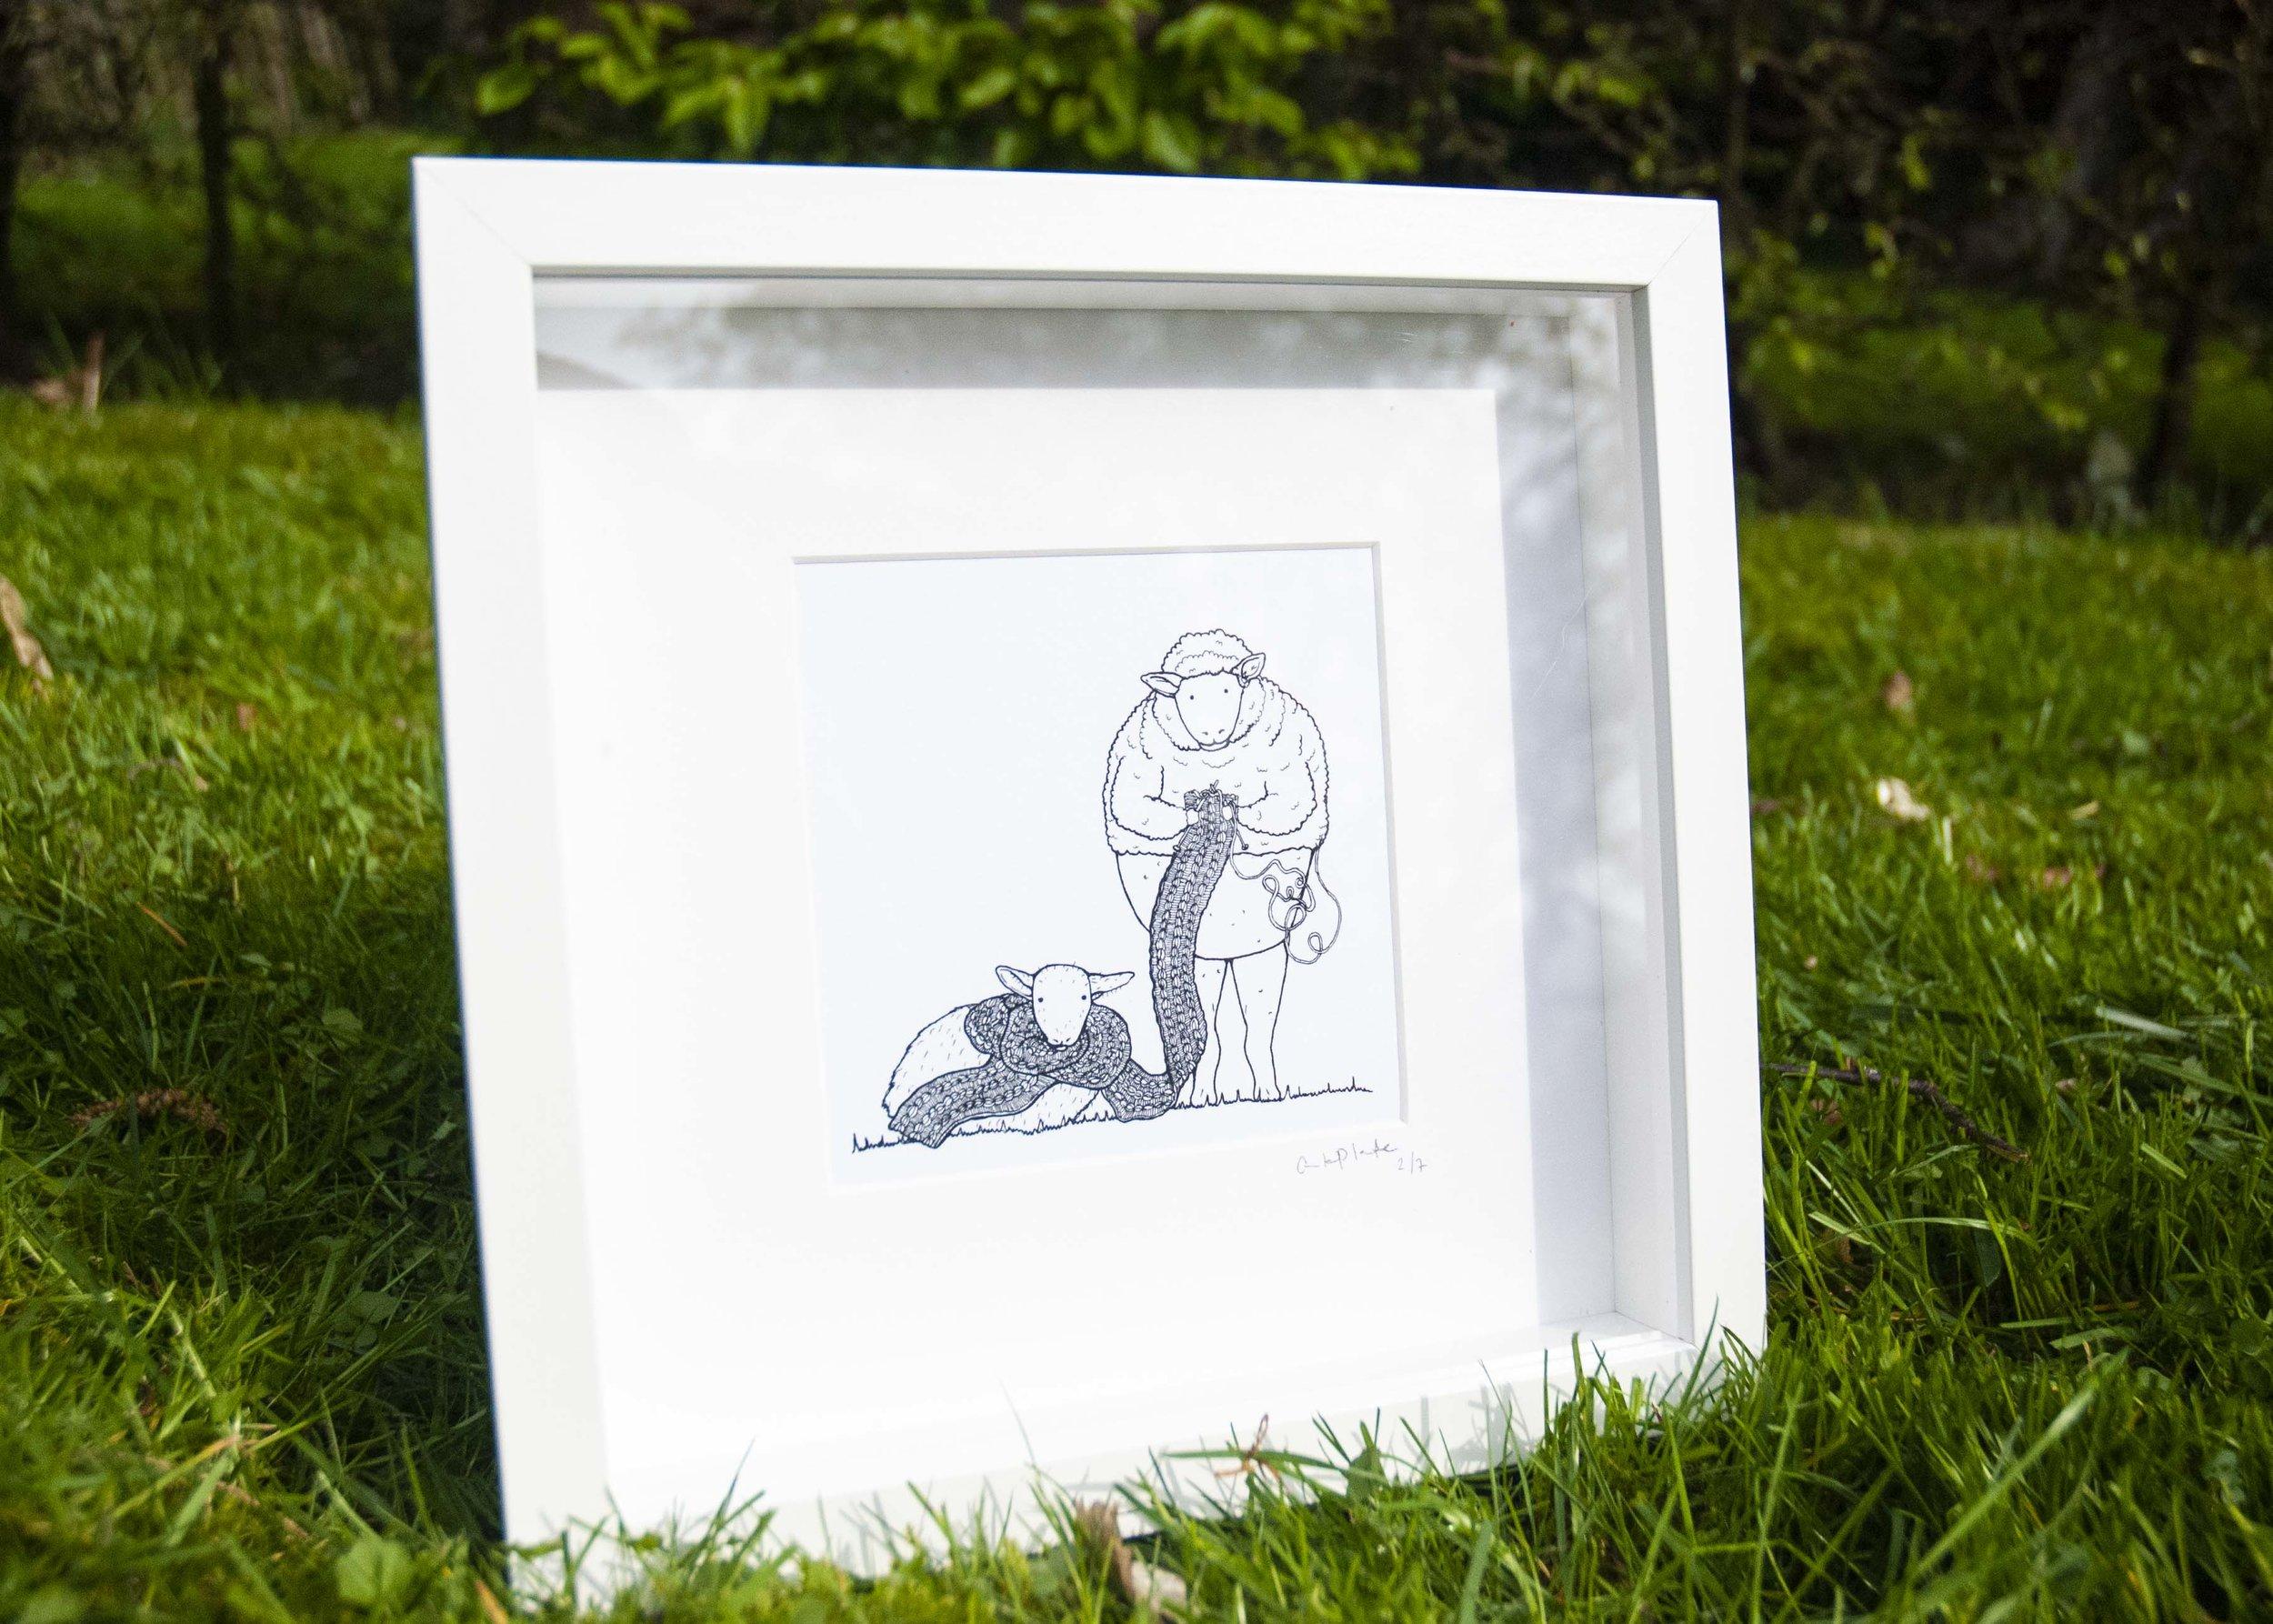 Les Moutons, dessin original.